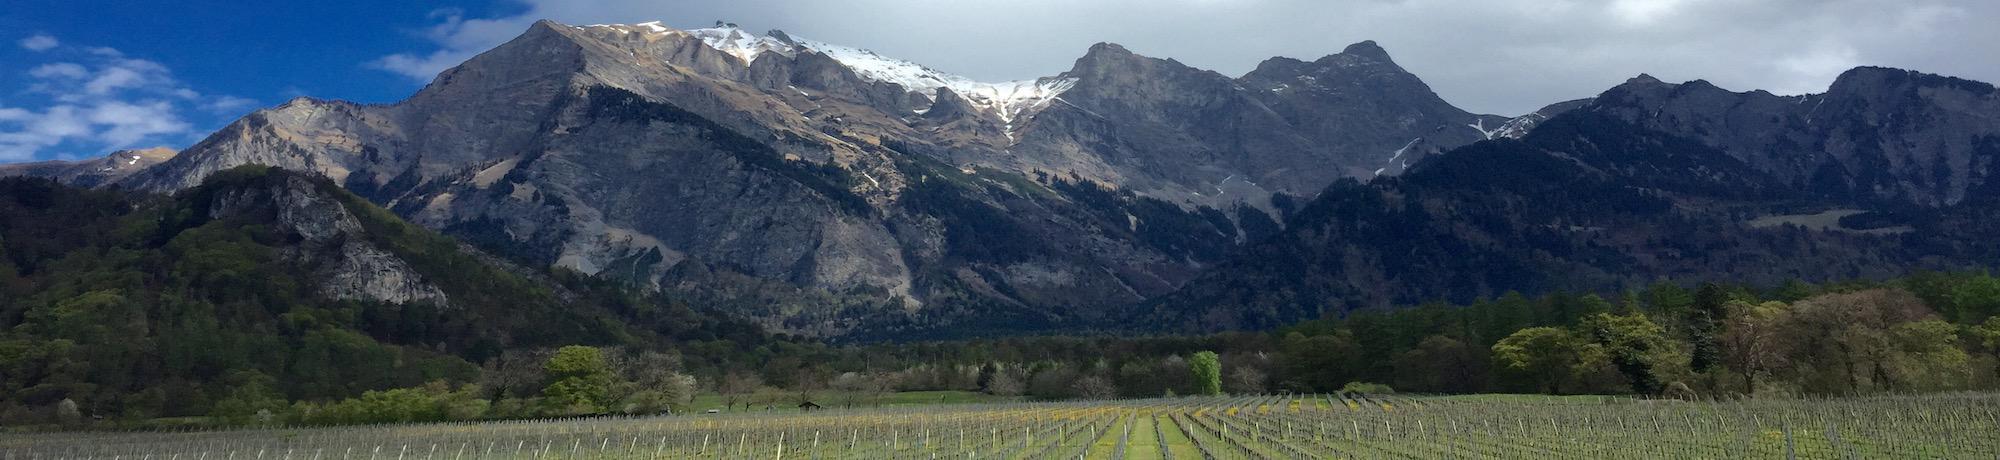 swiss wine_spring_graubünden